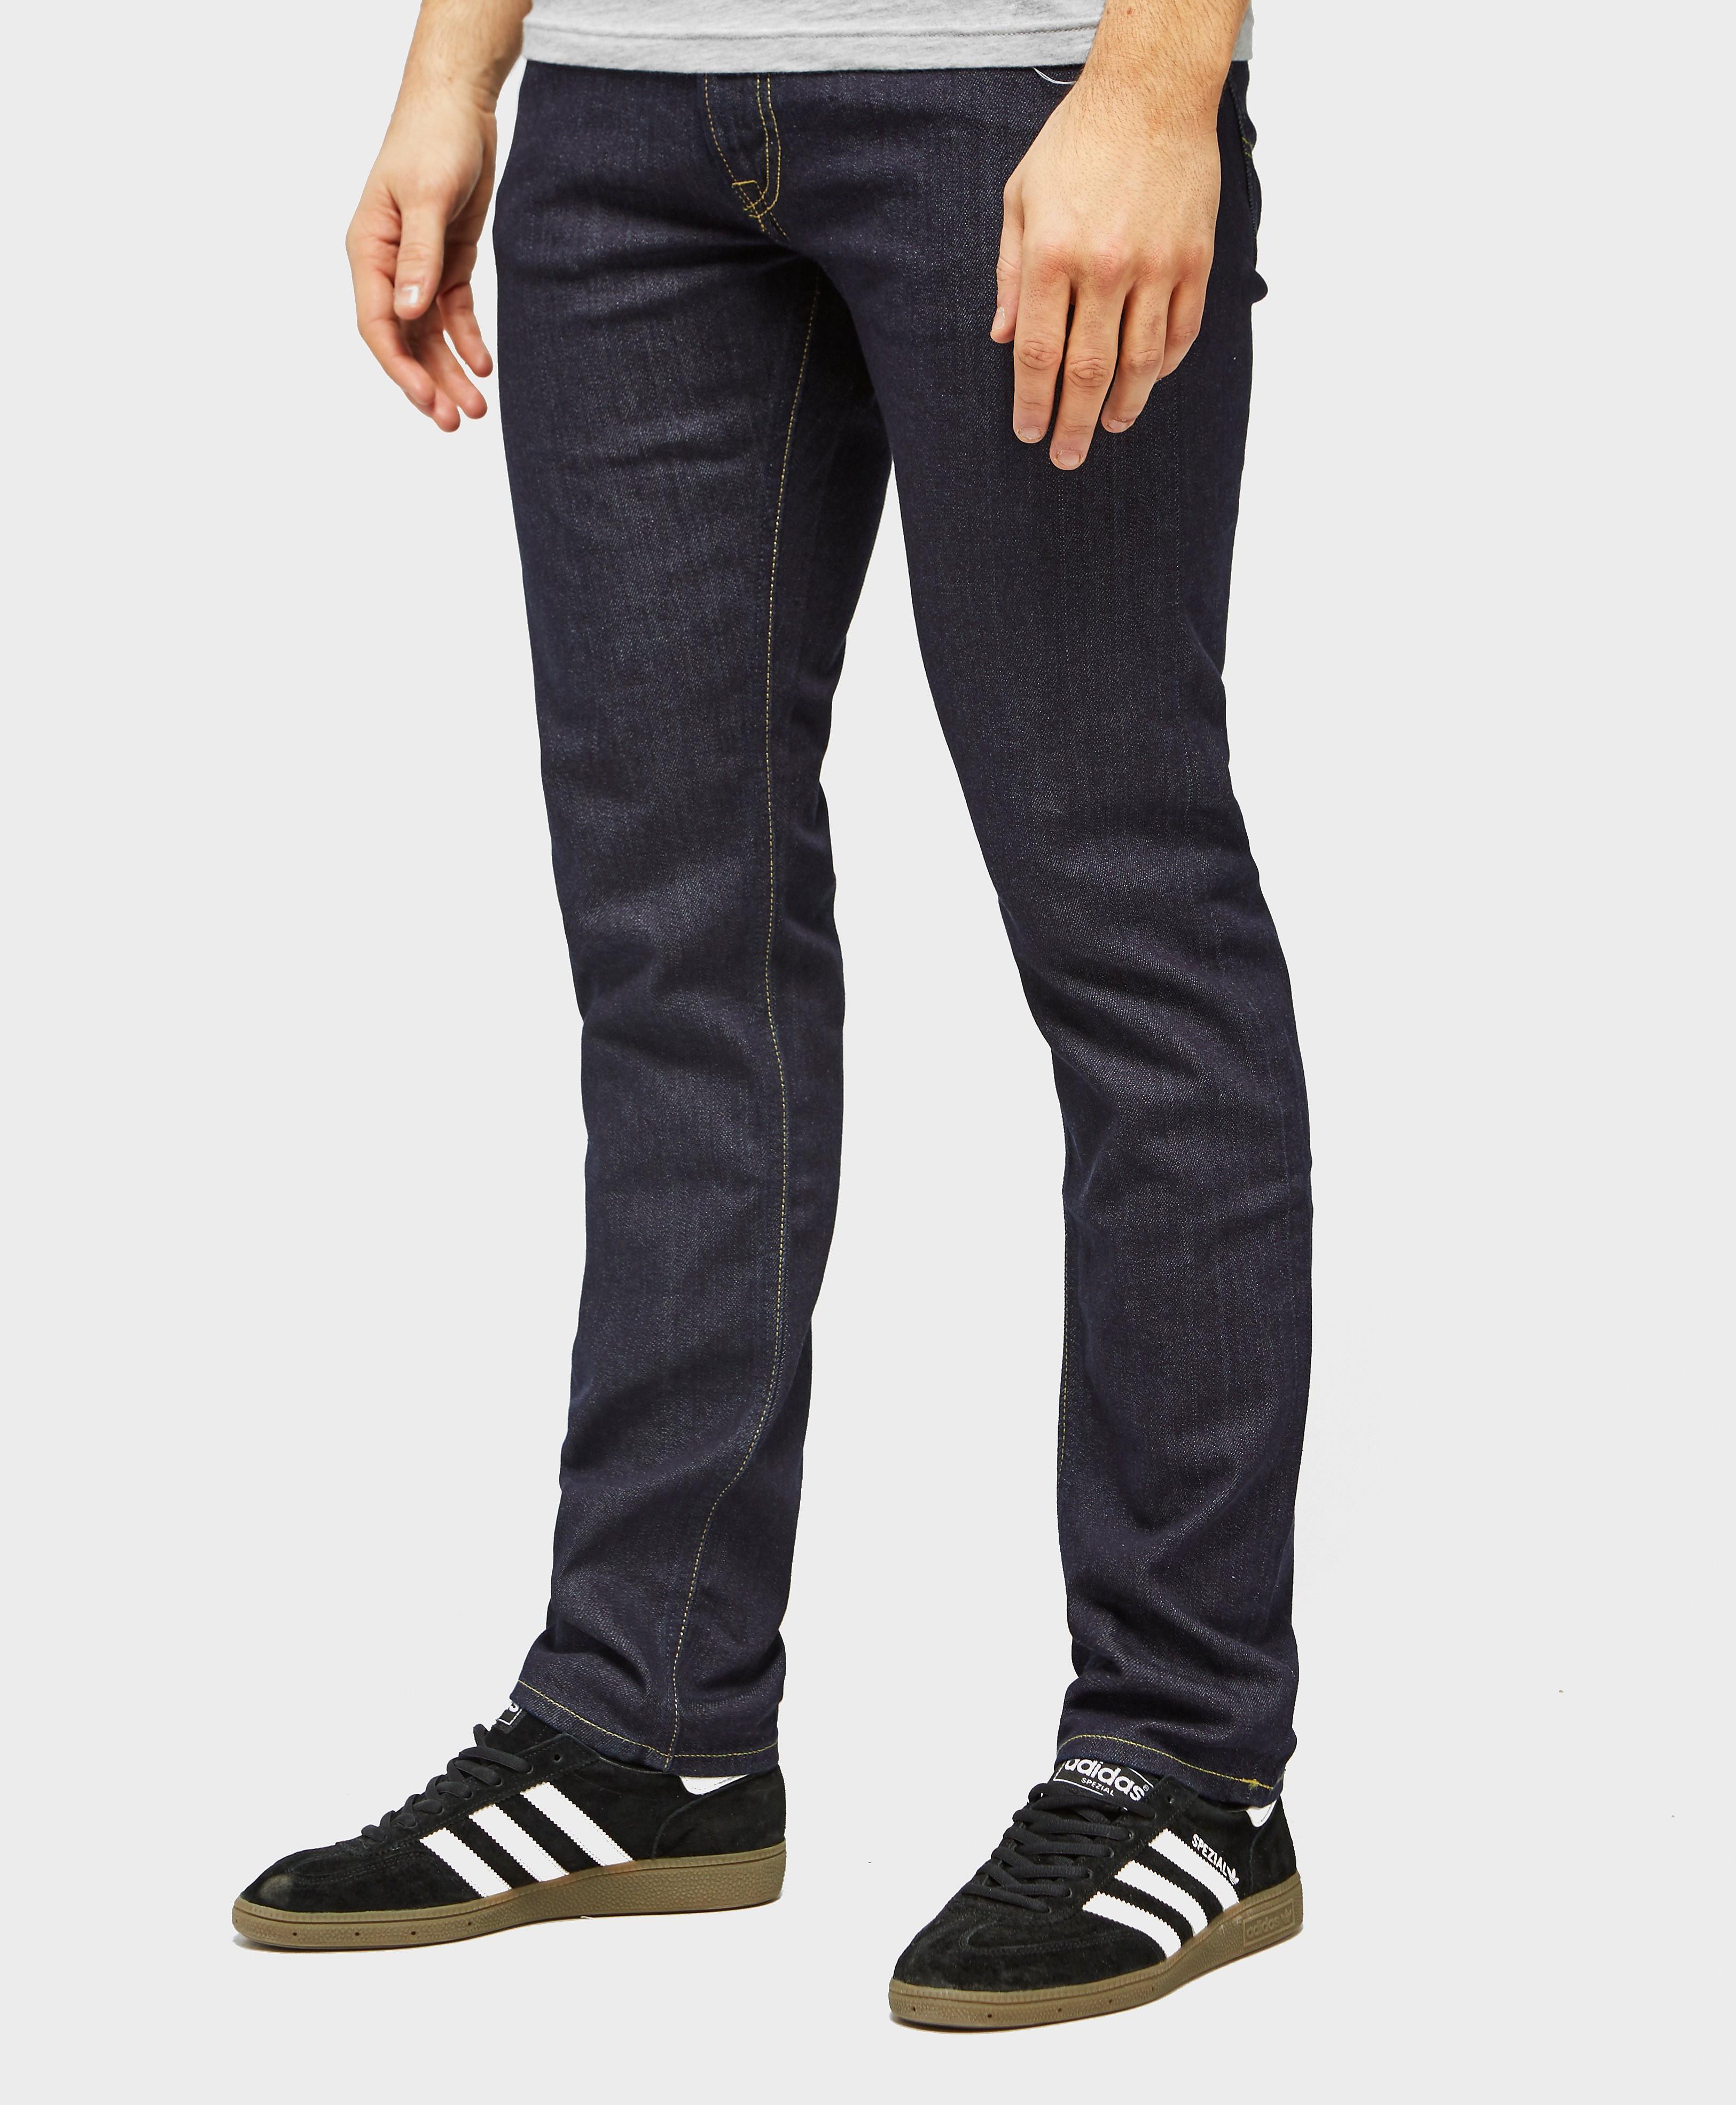 Lee Luke Urban Jeans